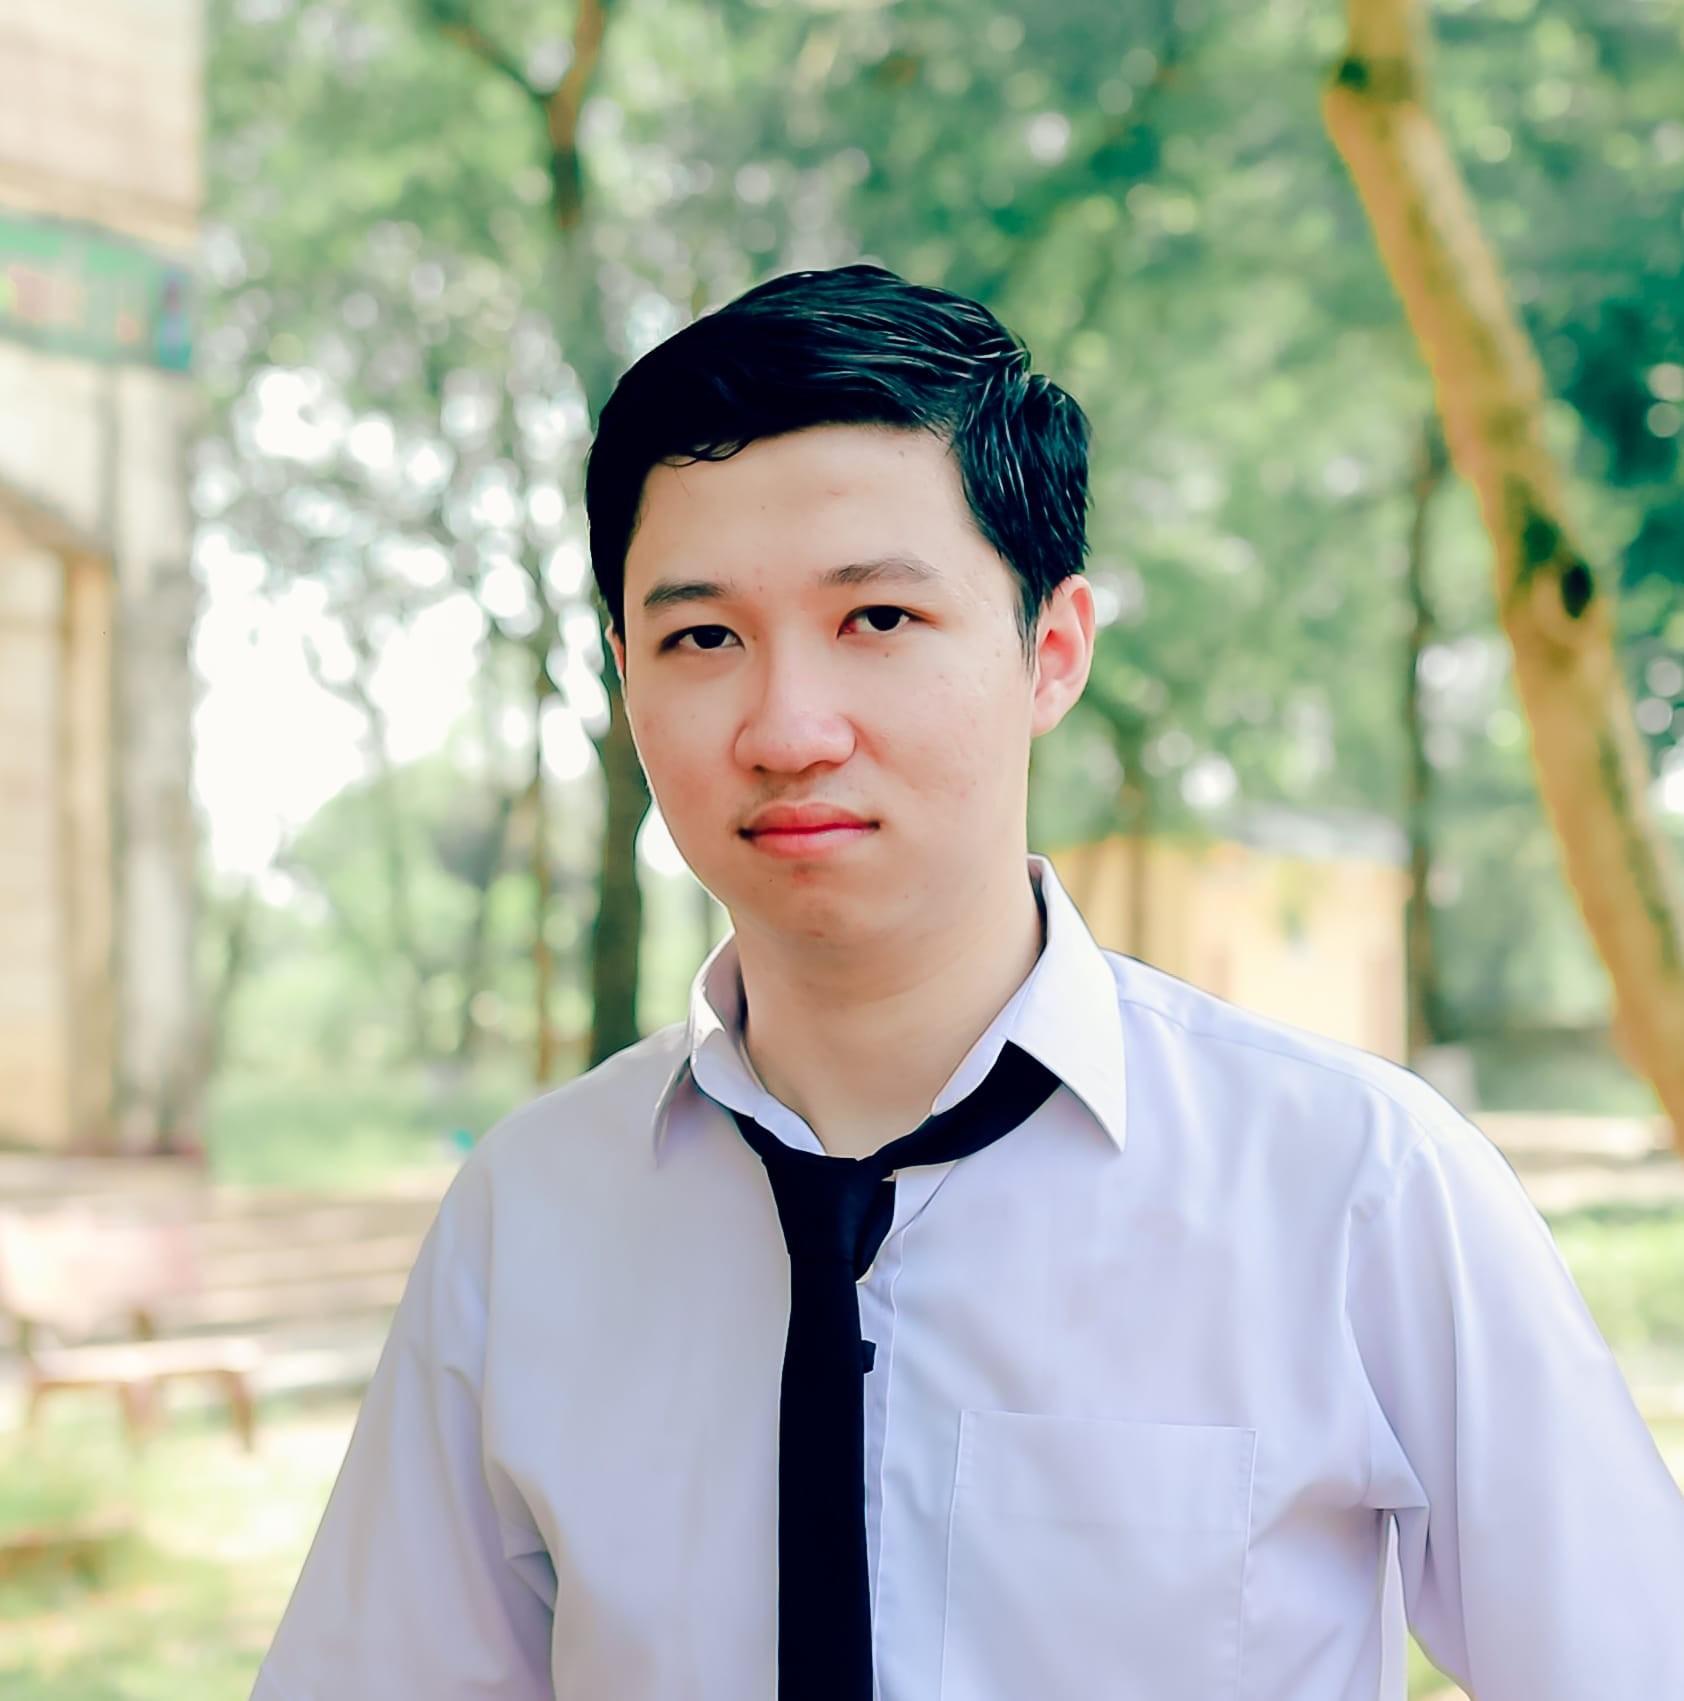 Cậu bé Google Phan Đăng Nhật Minh chuẩn bị tham gia kỳ thi THPT Quốc gia - Ảnh 1.